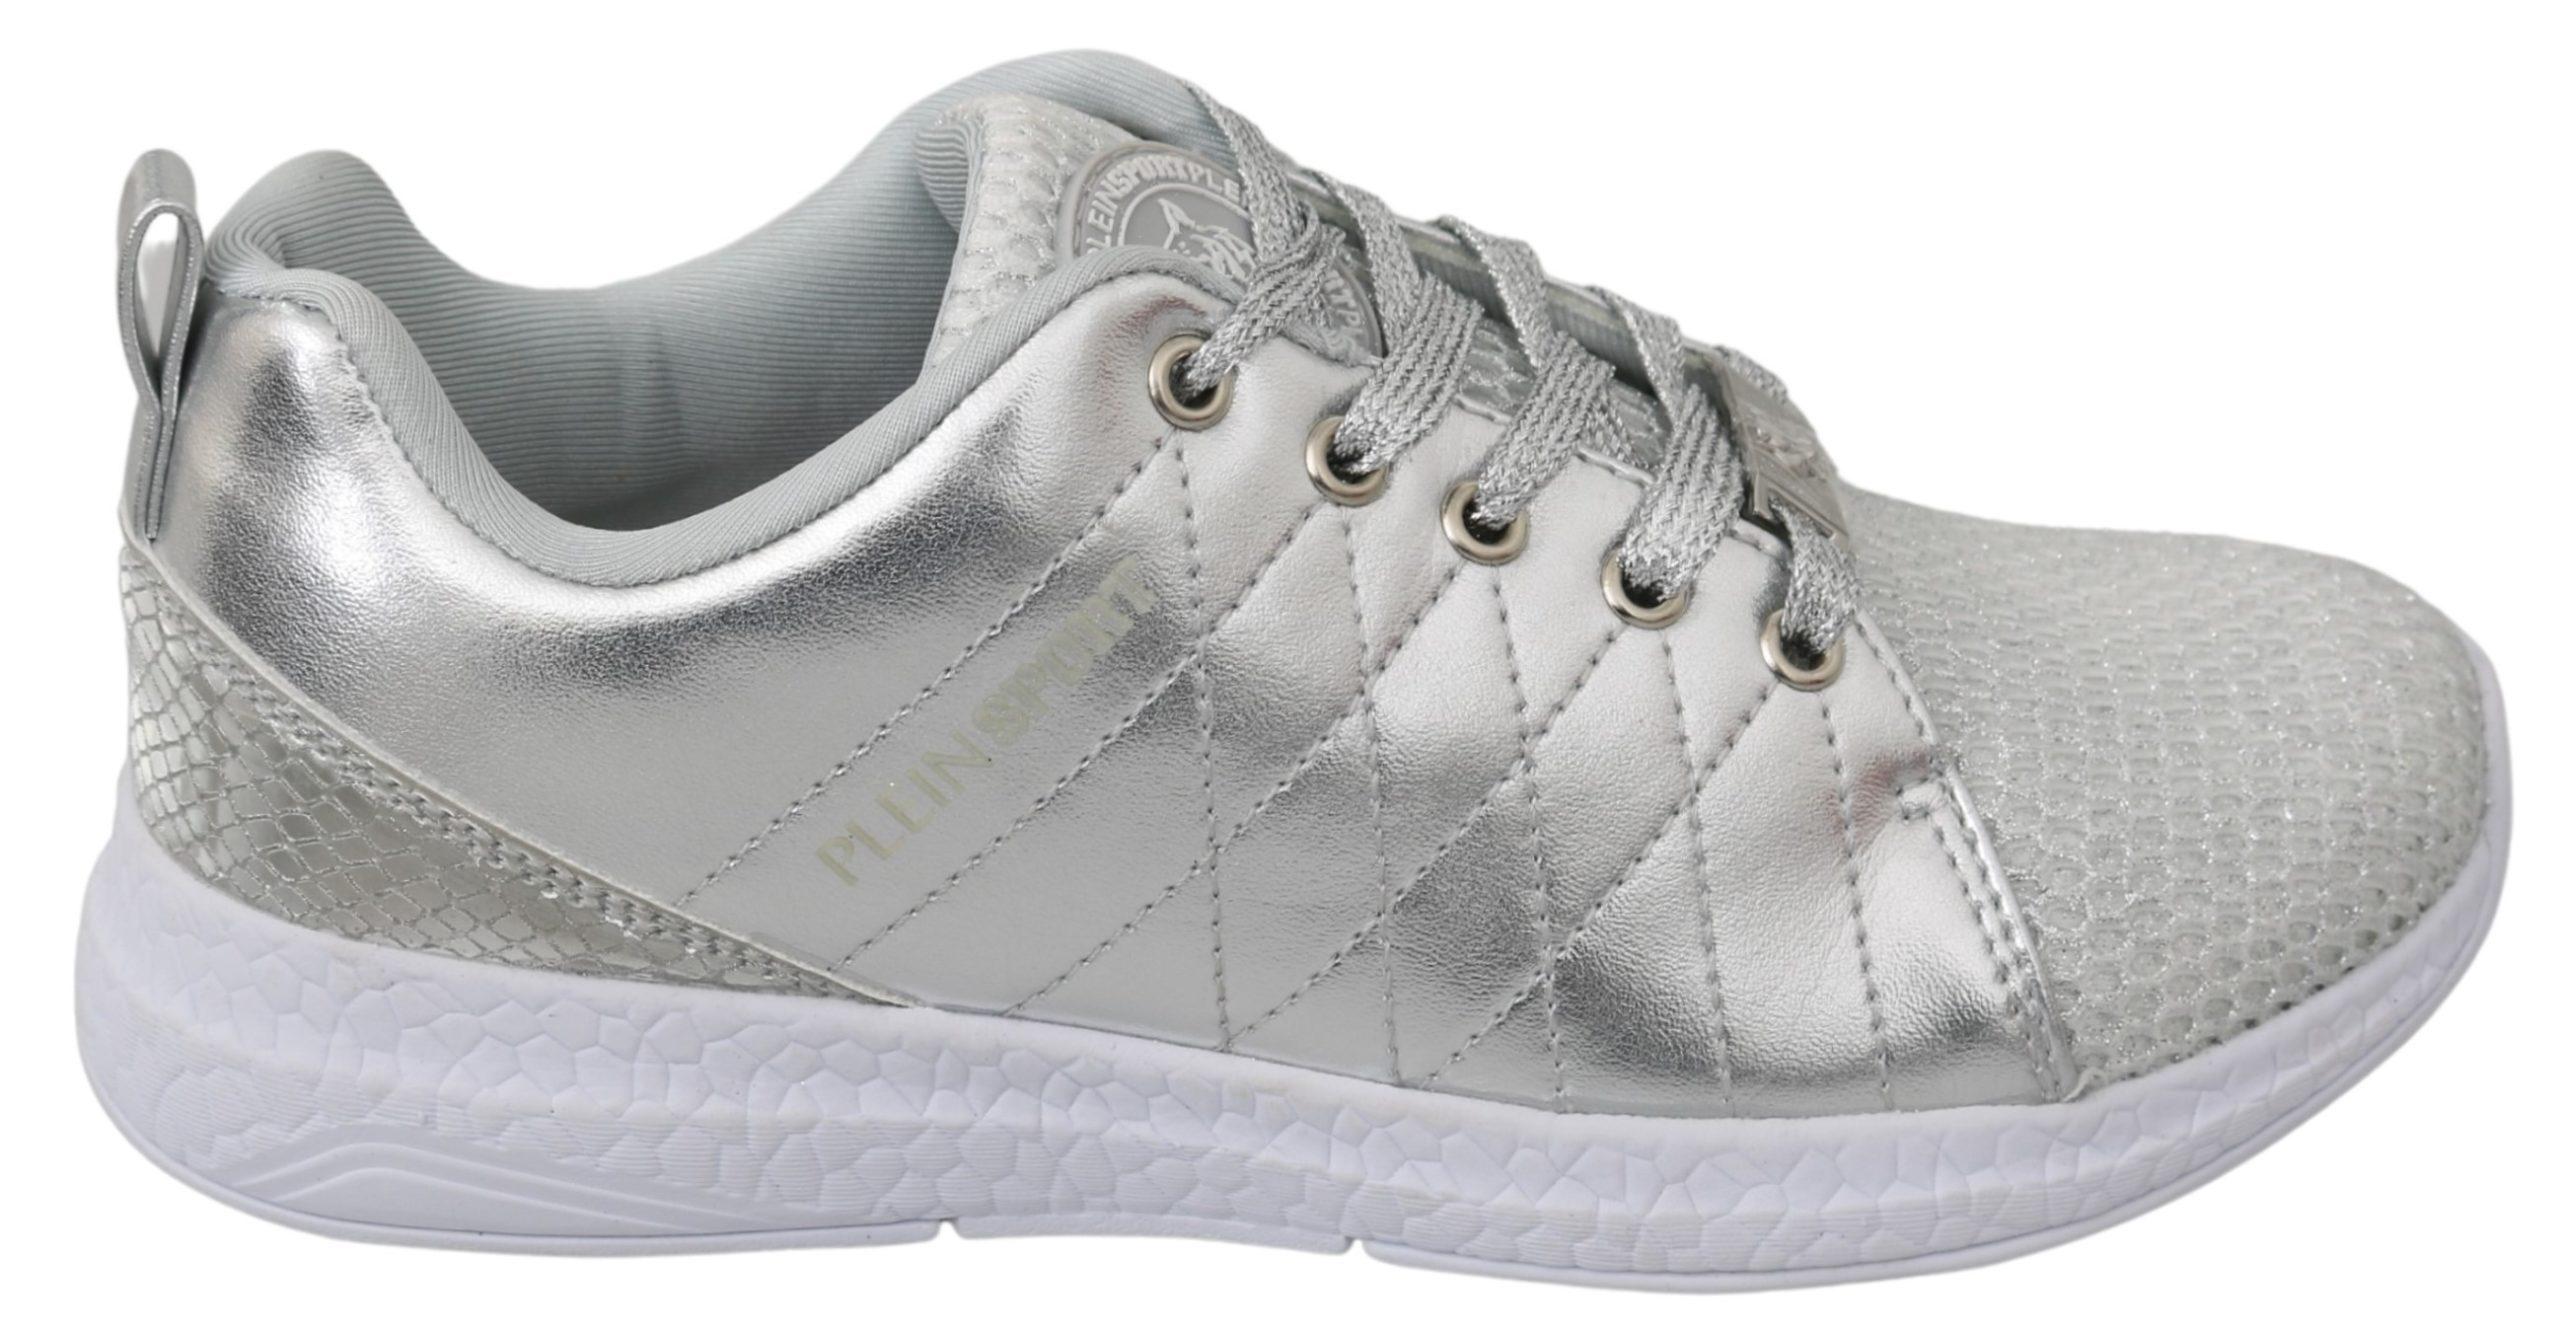 Philipp Plein Women's Gisella Silver Polyester Trainer Silver LA7174 - EU37/US6.5